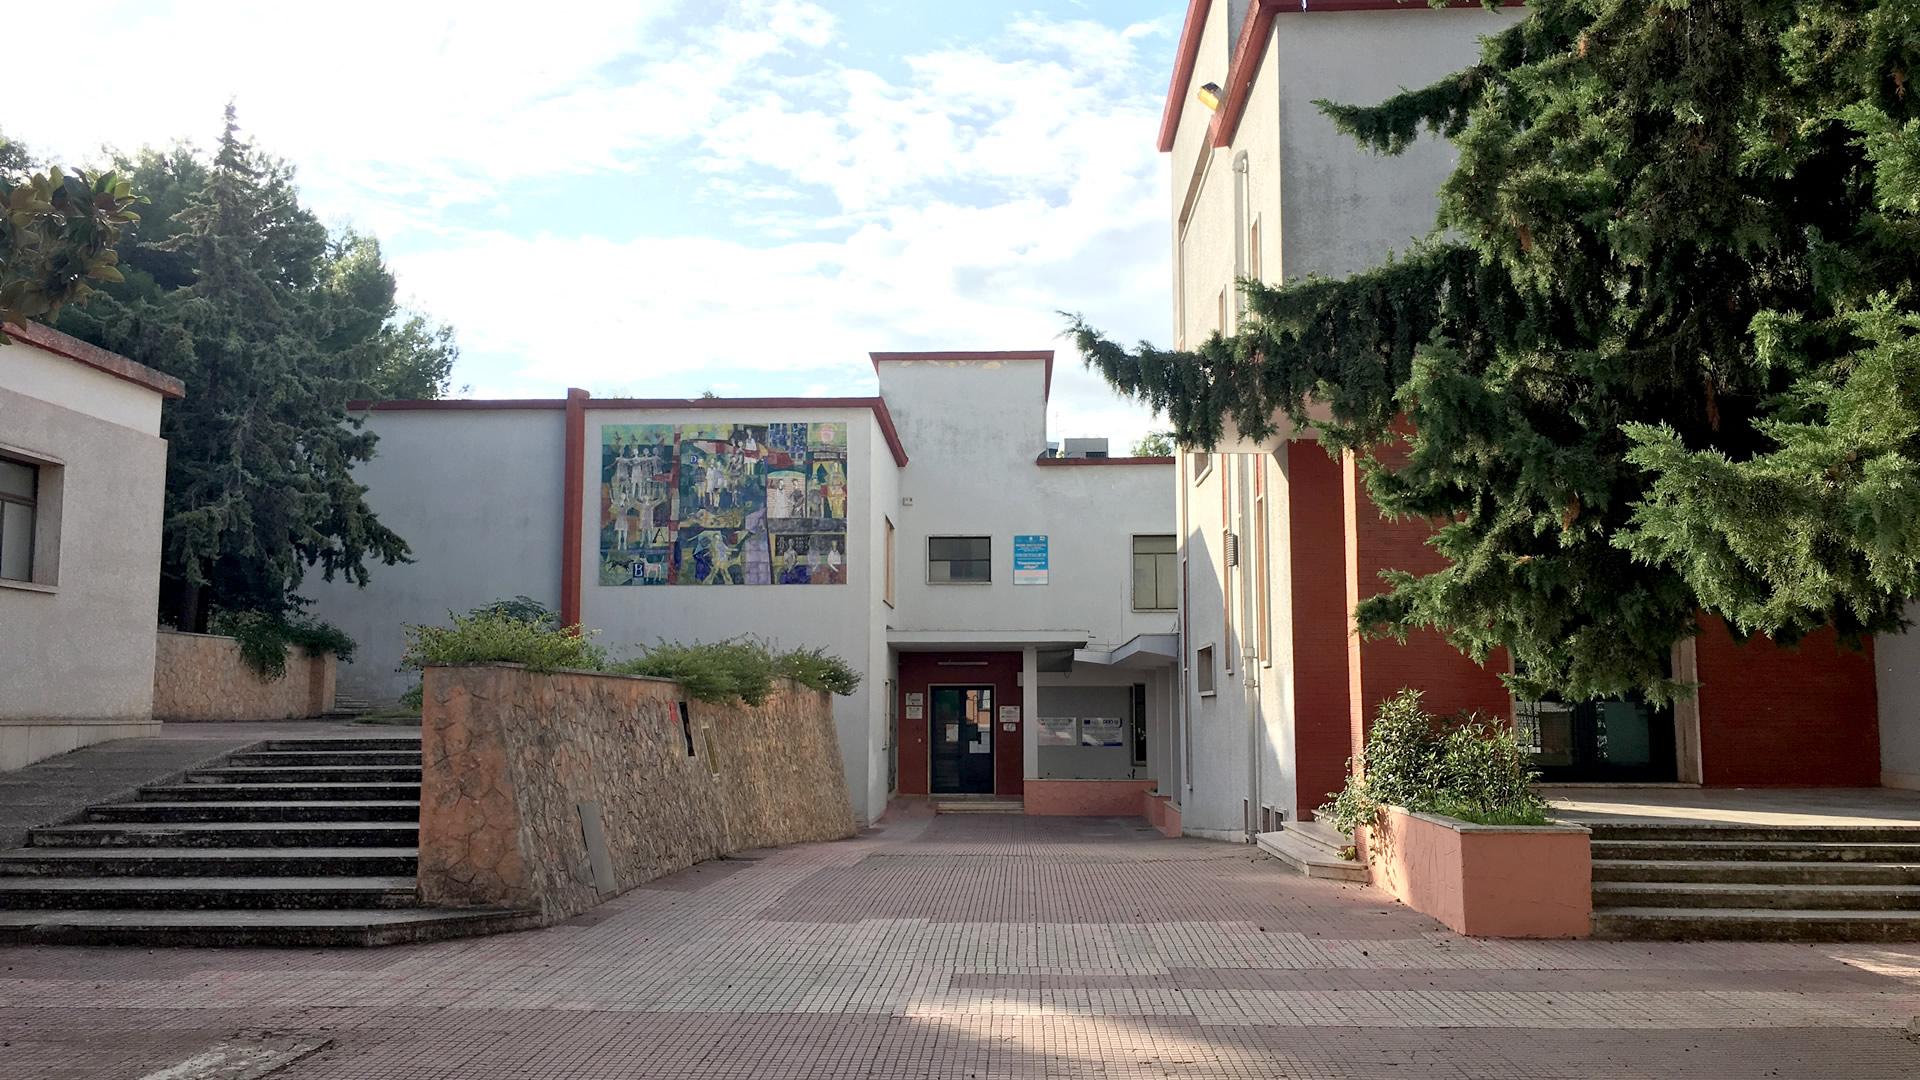 Messa in Sicurezza di un Edificio Scolastico - MATINO (LE) Italy